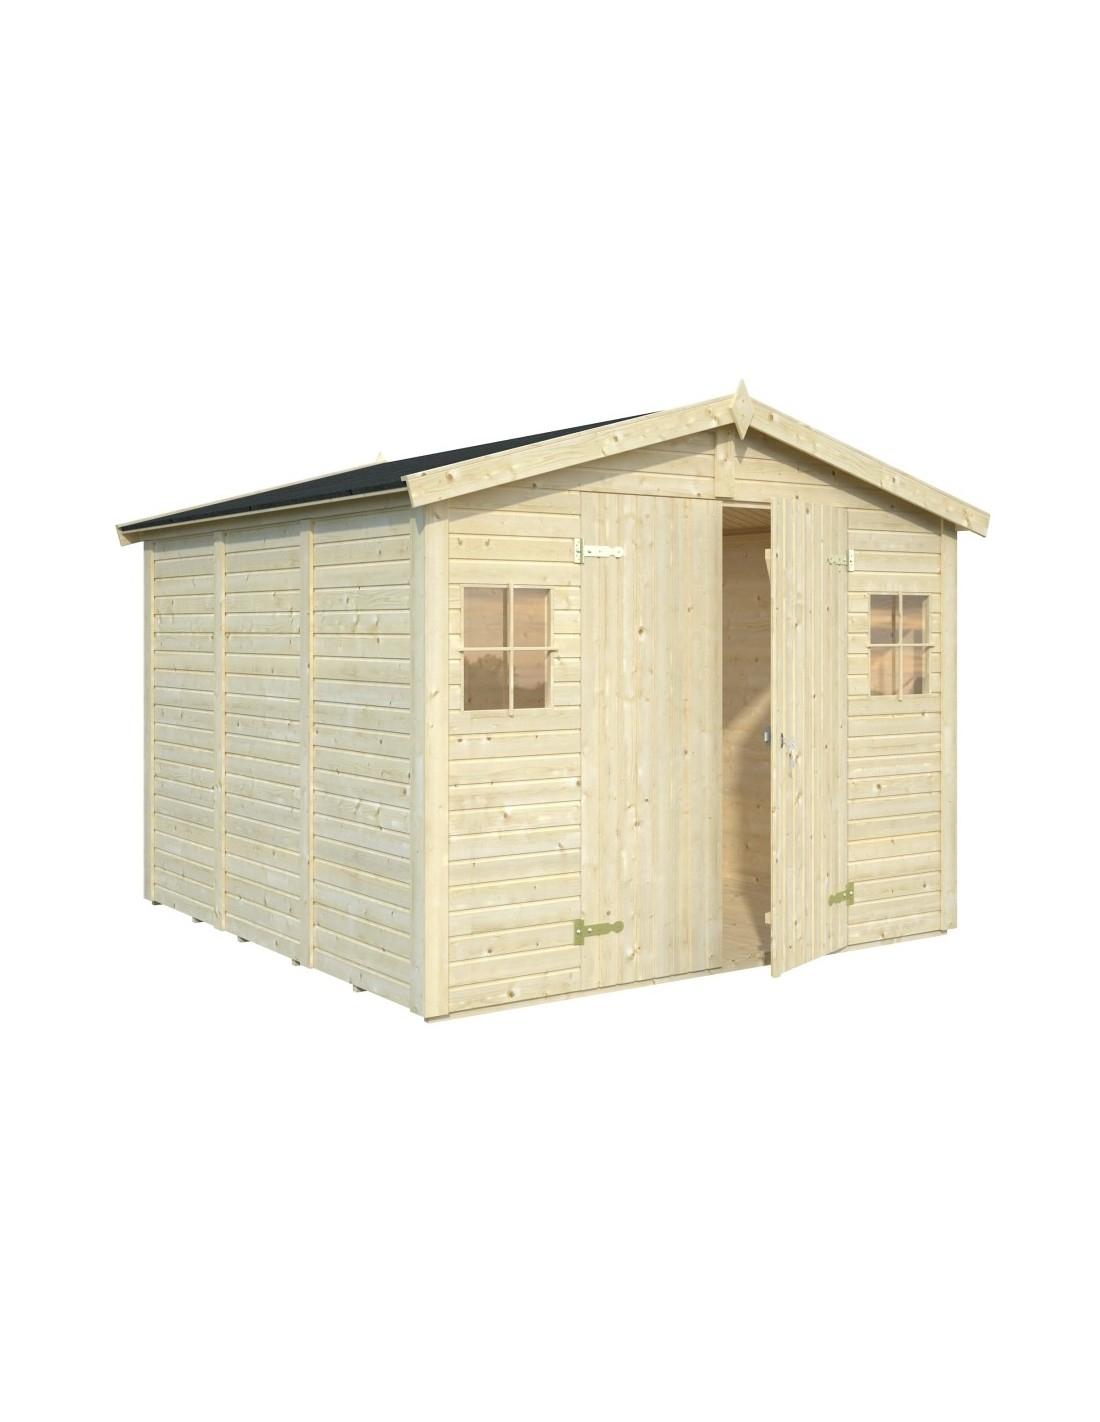 Abri De Jardin Dan 7.7 M² Avec Plancher - Serres-Et-Abris avec Abri De Jardin Avec Plancher